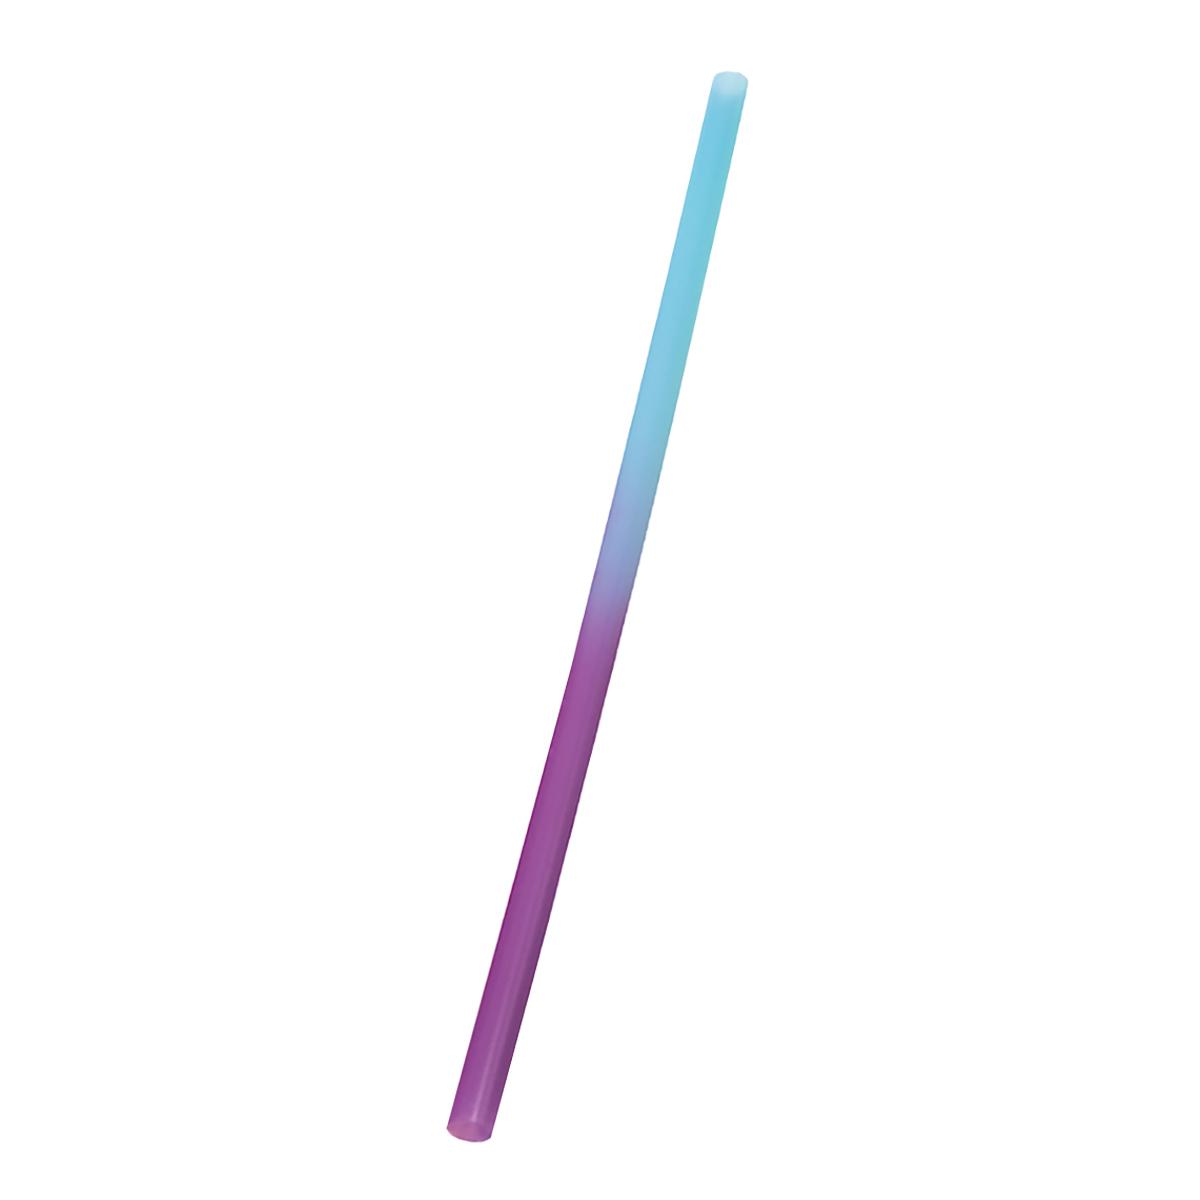 5206 - Popote Ecológico que Cambia de Color